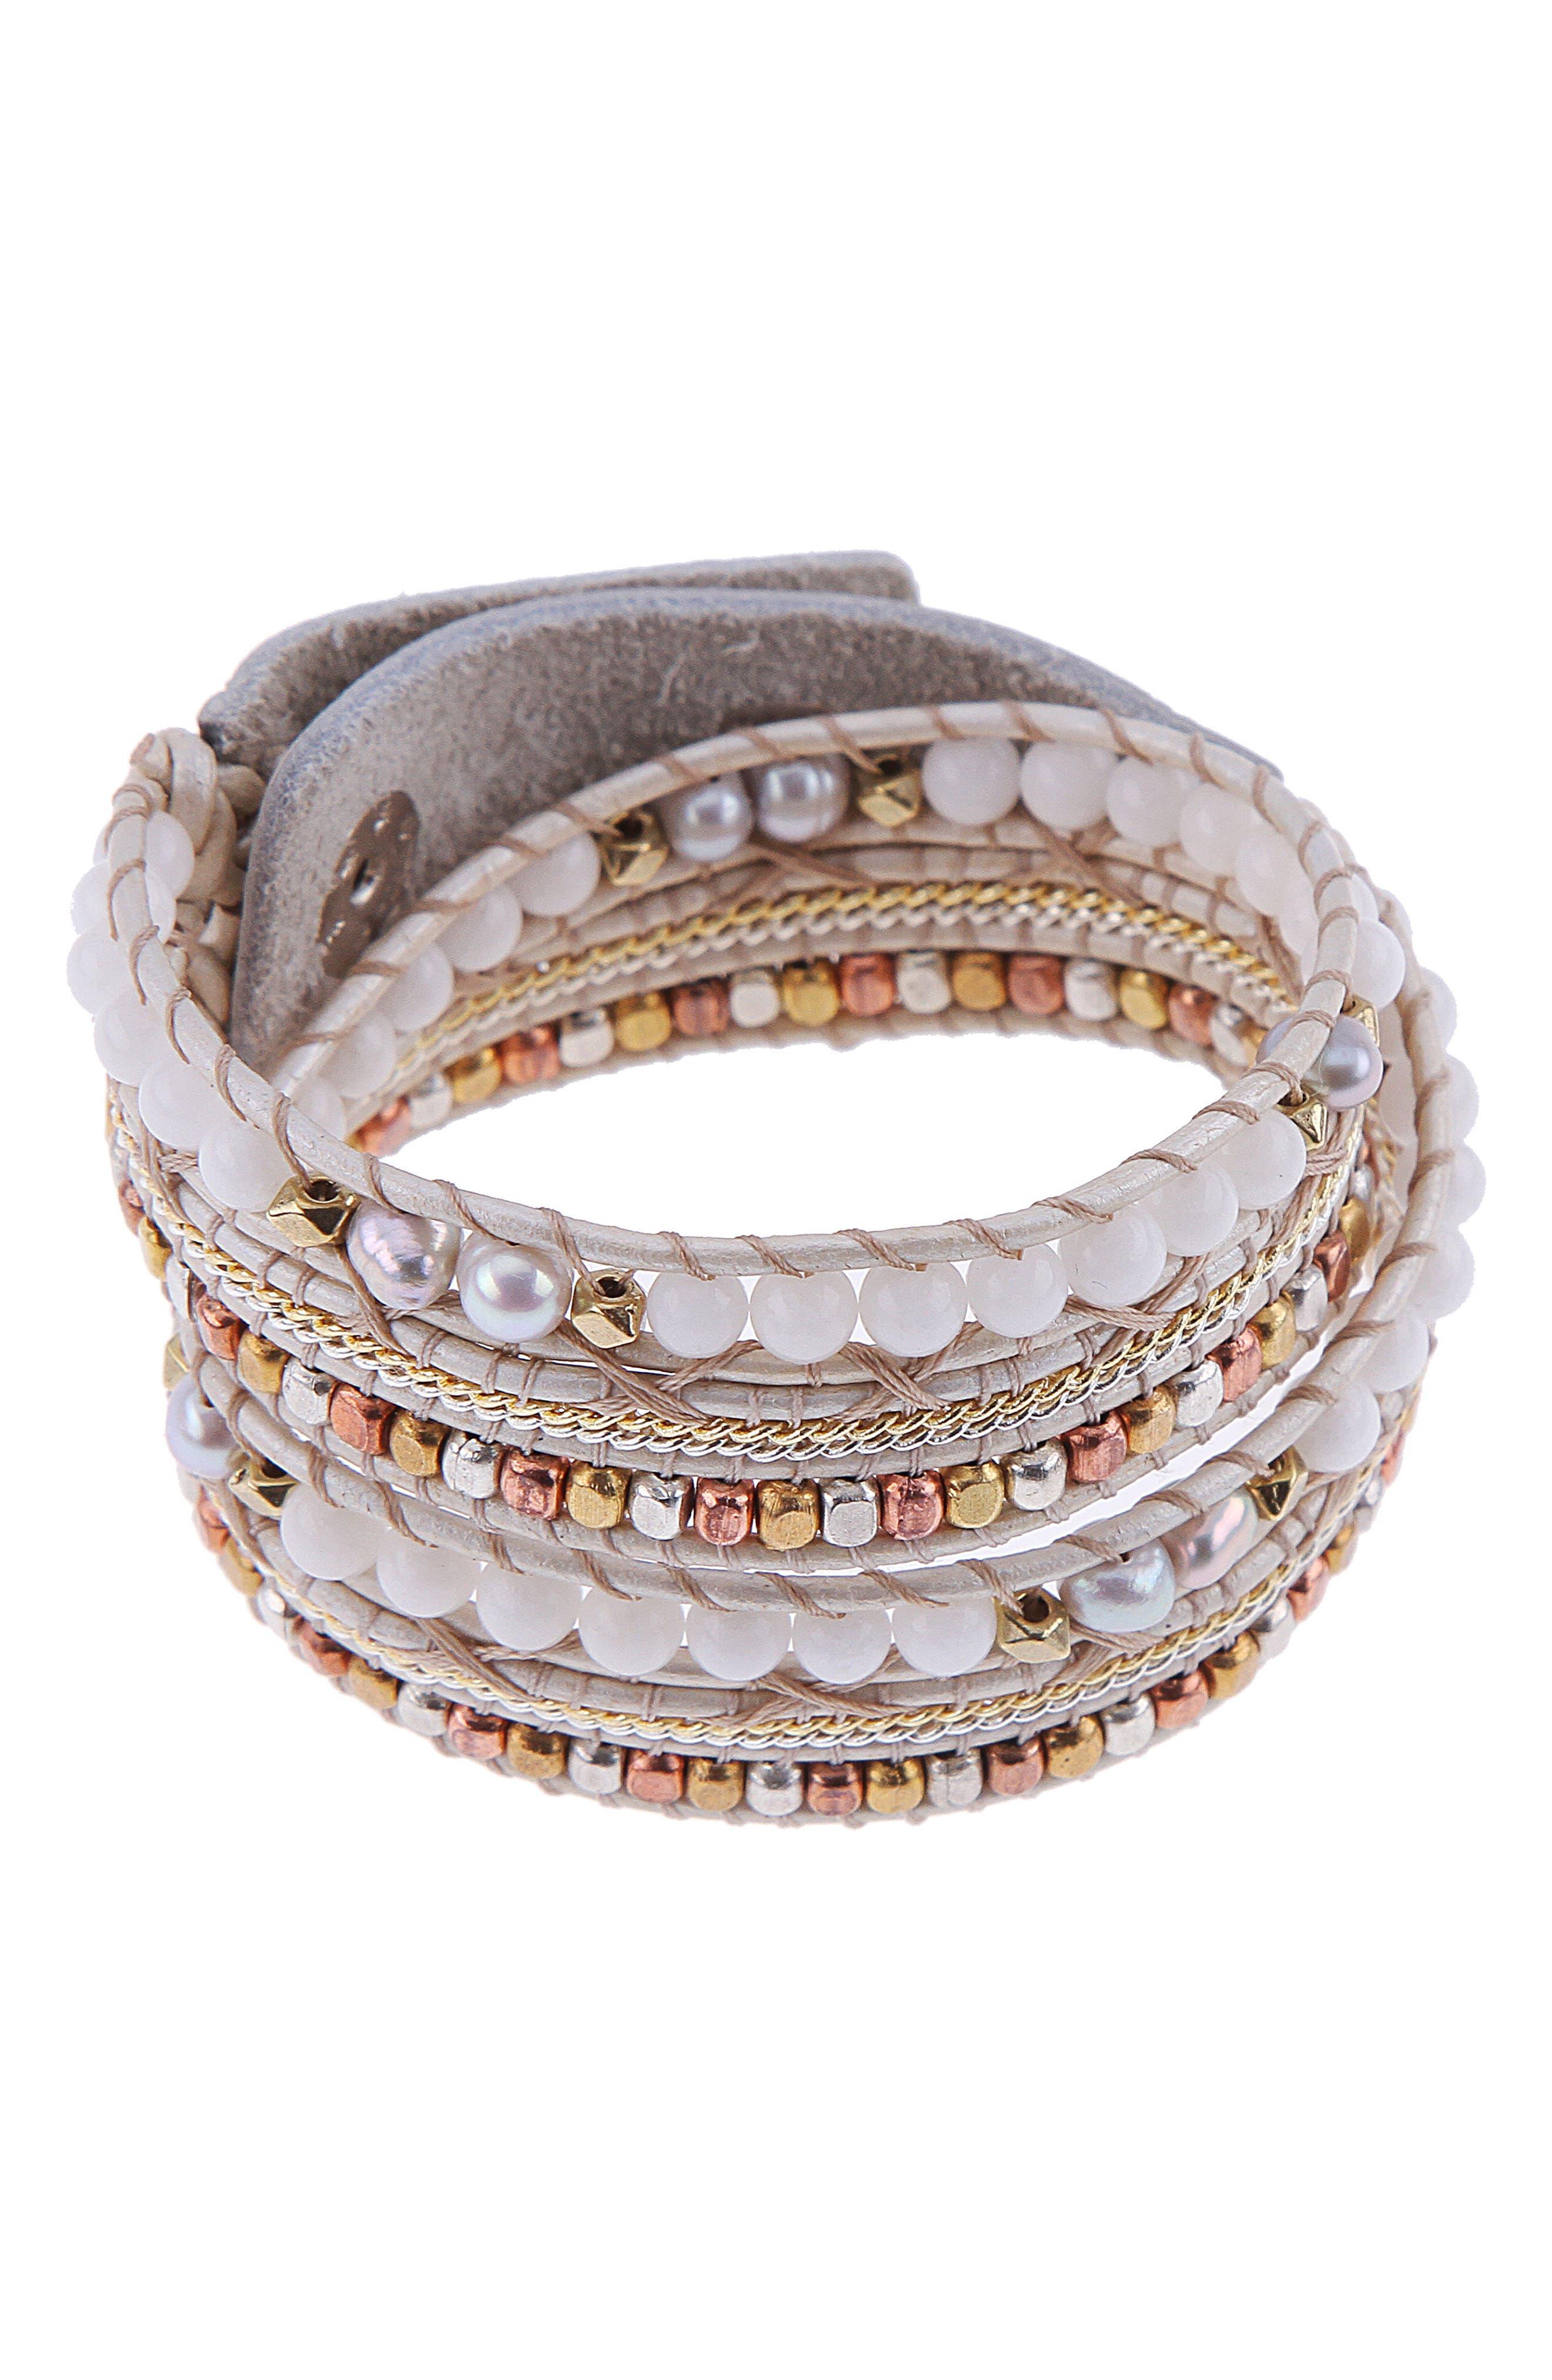 Stone & Metal Wrap Bracelet,                         Main,                         color, Peach